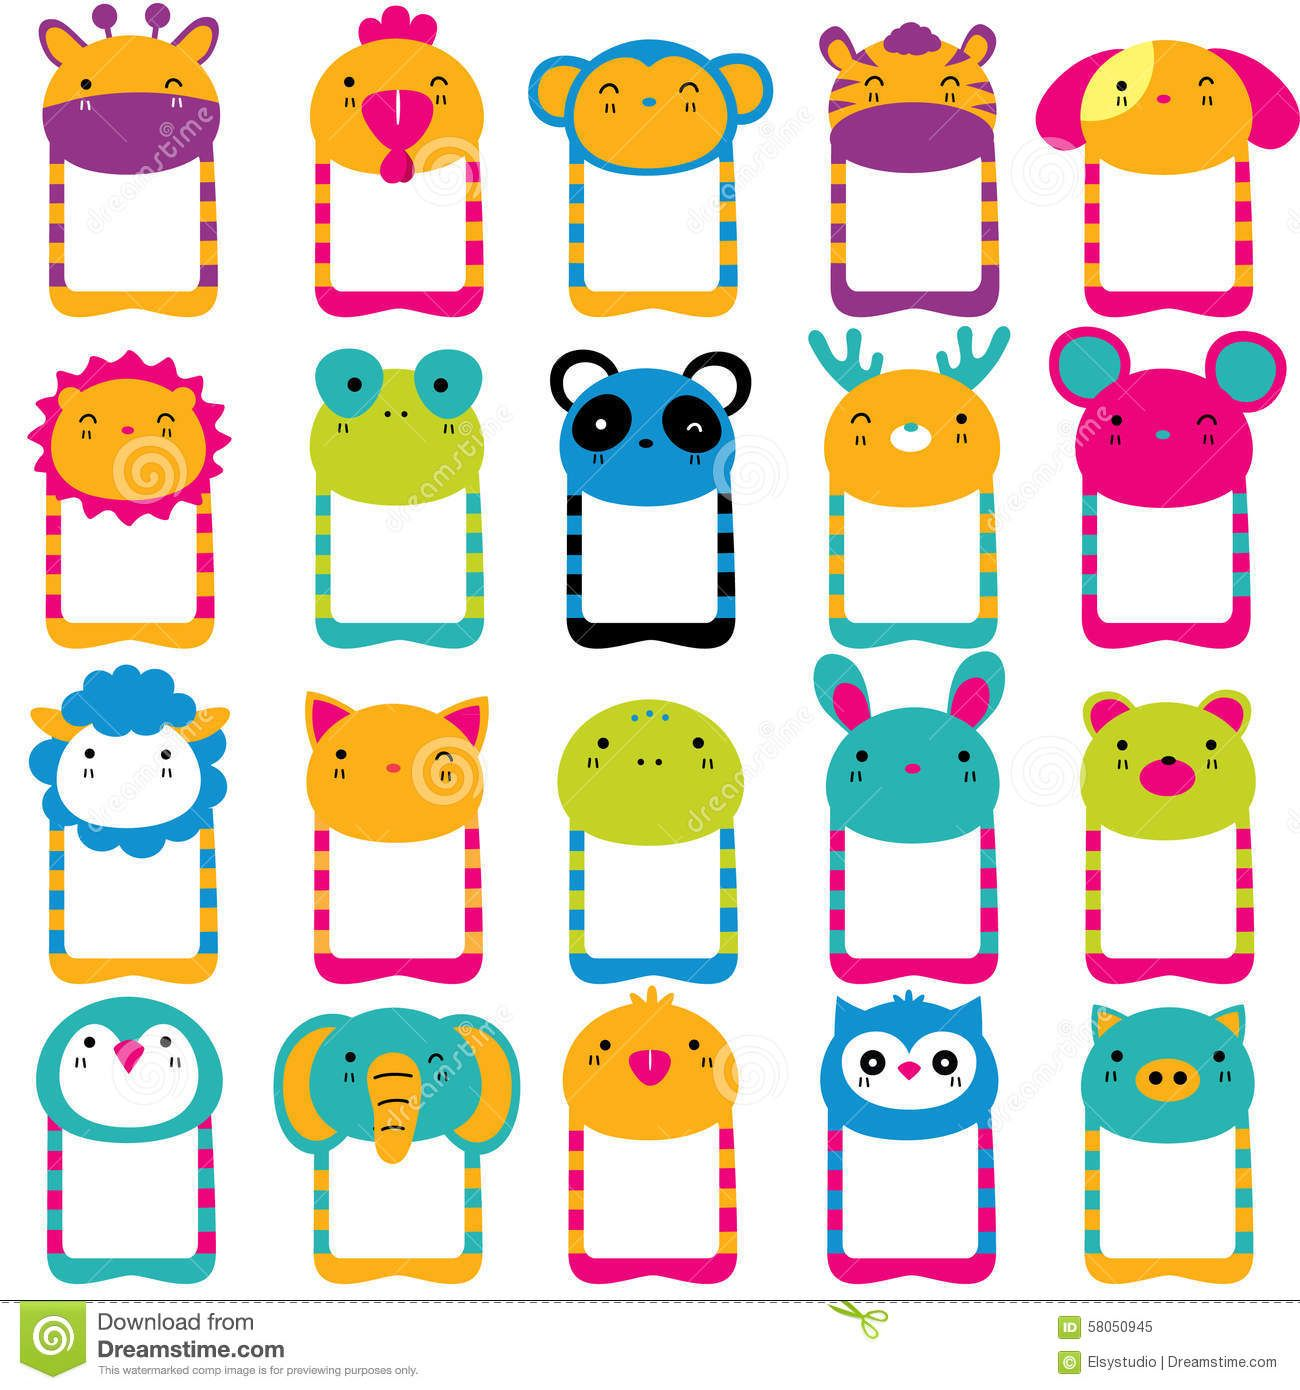 Kindergarten classroom decoration printables - Resultado De Imagen Para Kindergarten Clipart